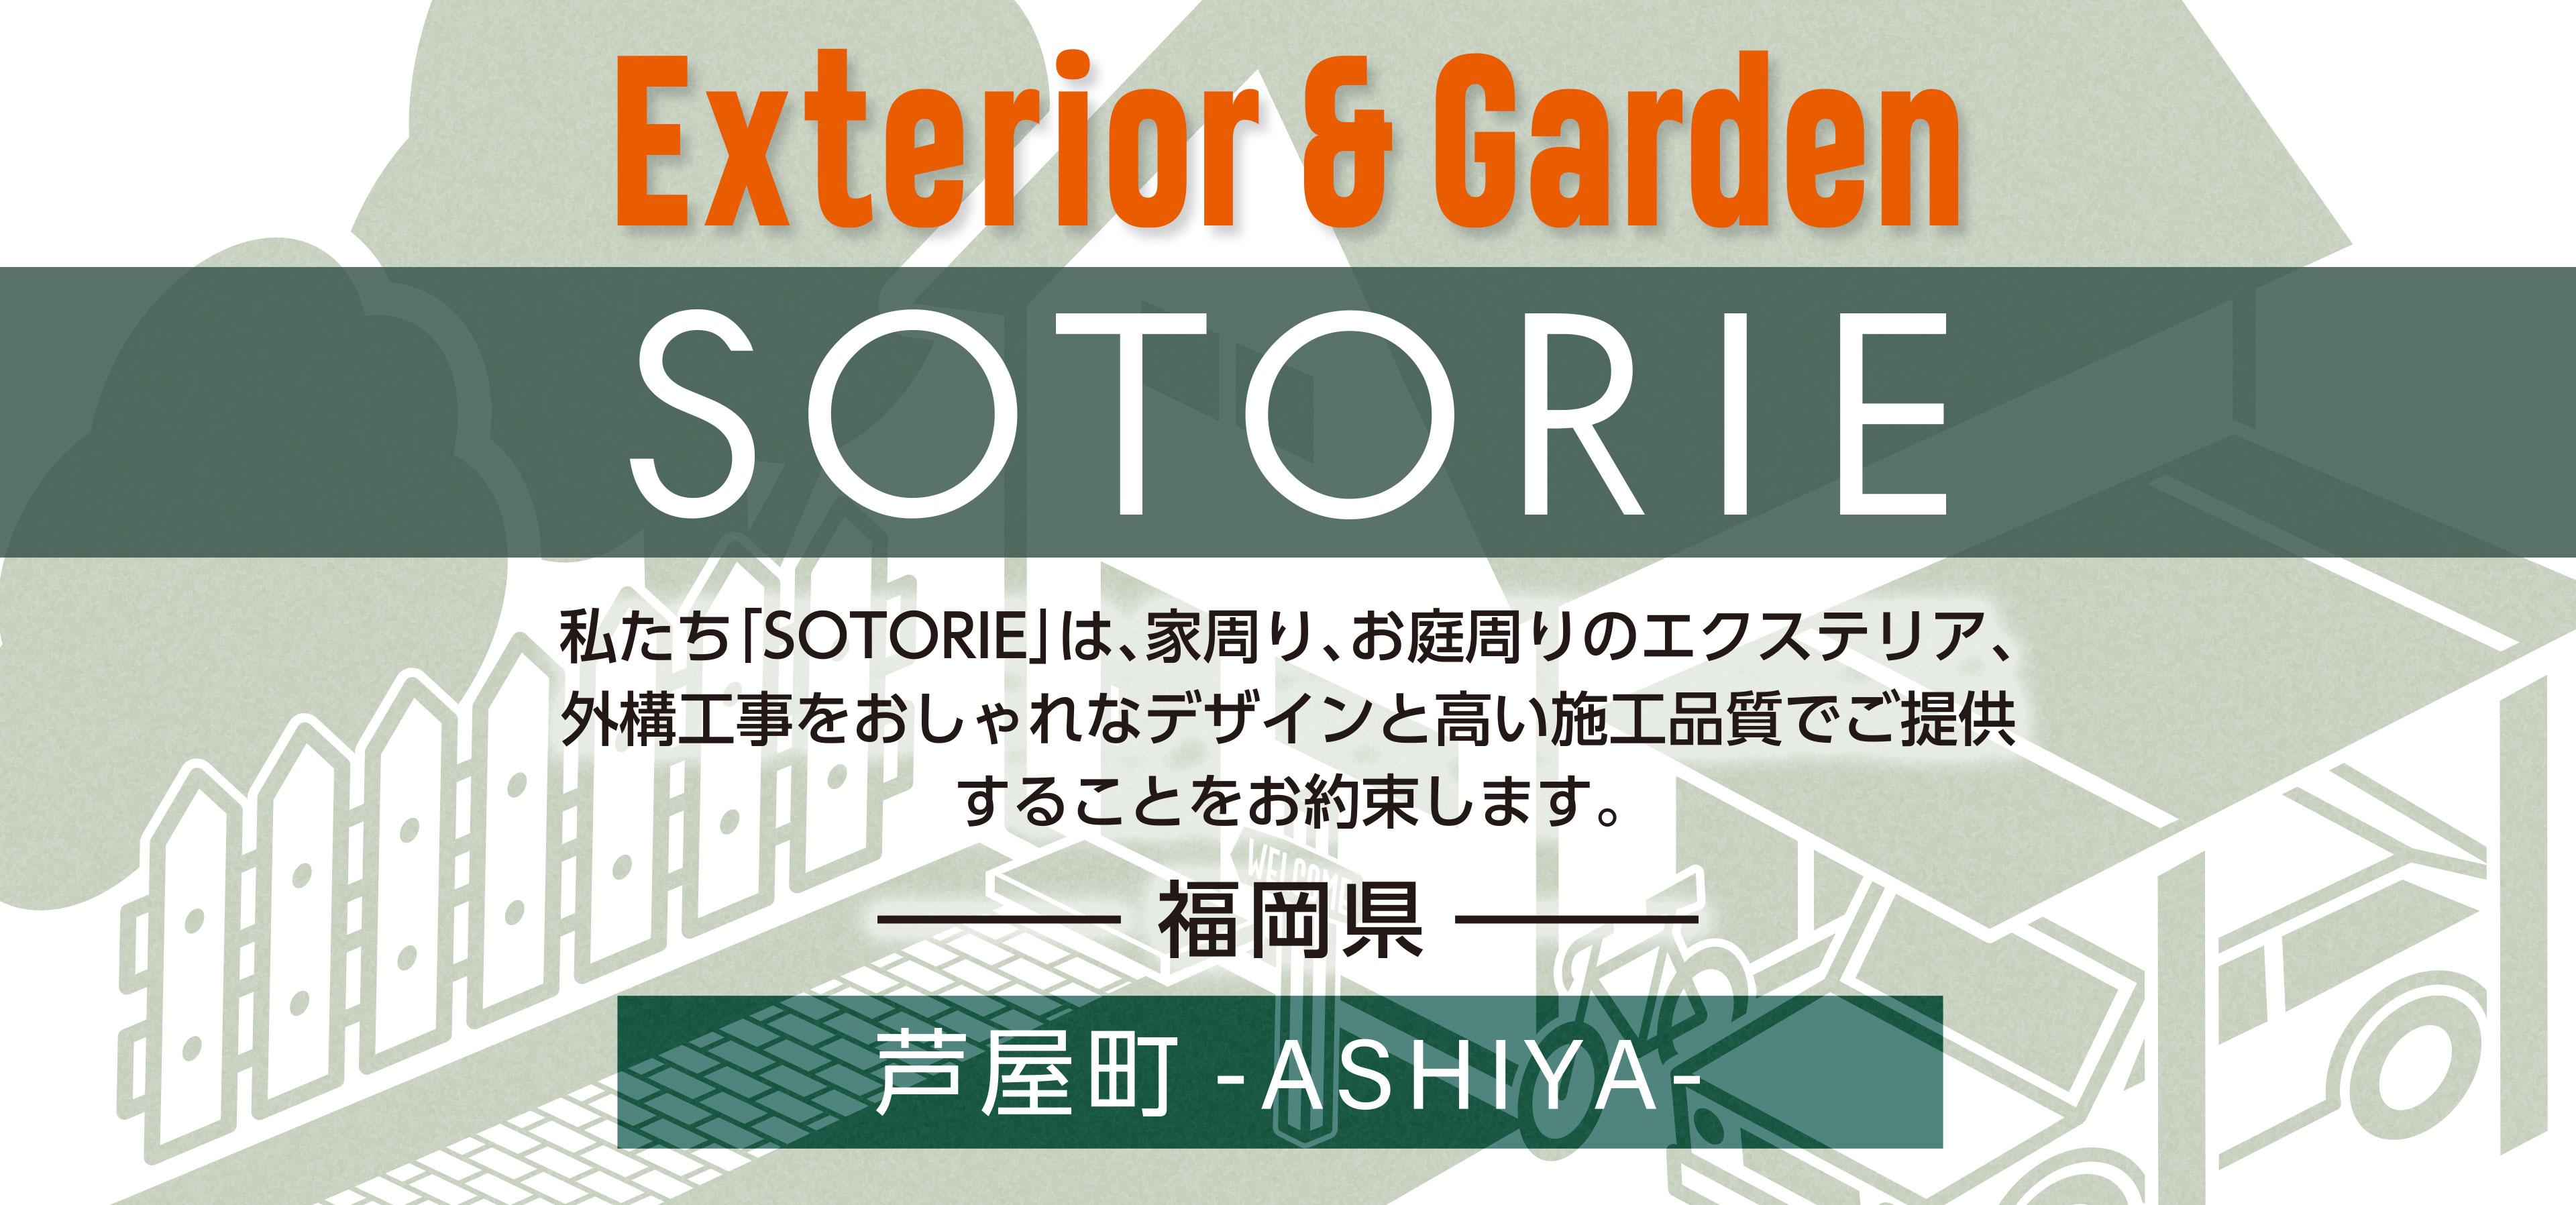 ソトリエ芦屋町では、家周りと庭周りの外構、エクステリア工事をおしゃれなデザインと高い施工品質でご提供することをお約束します。